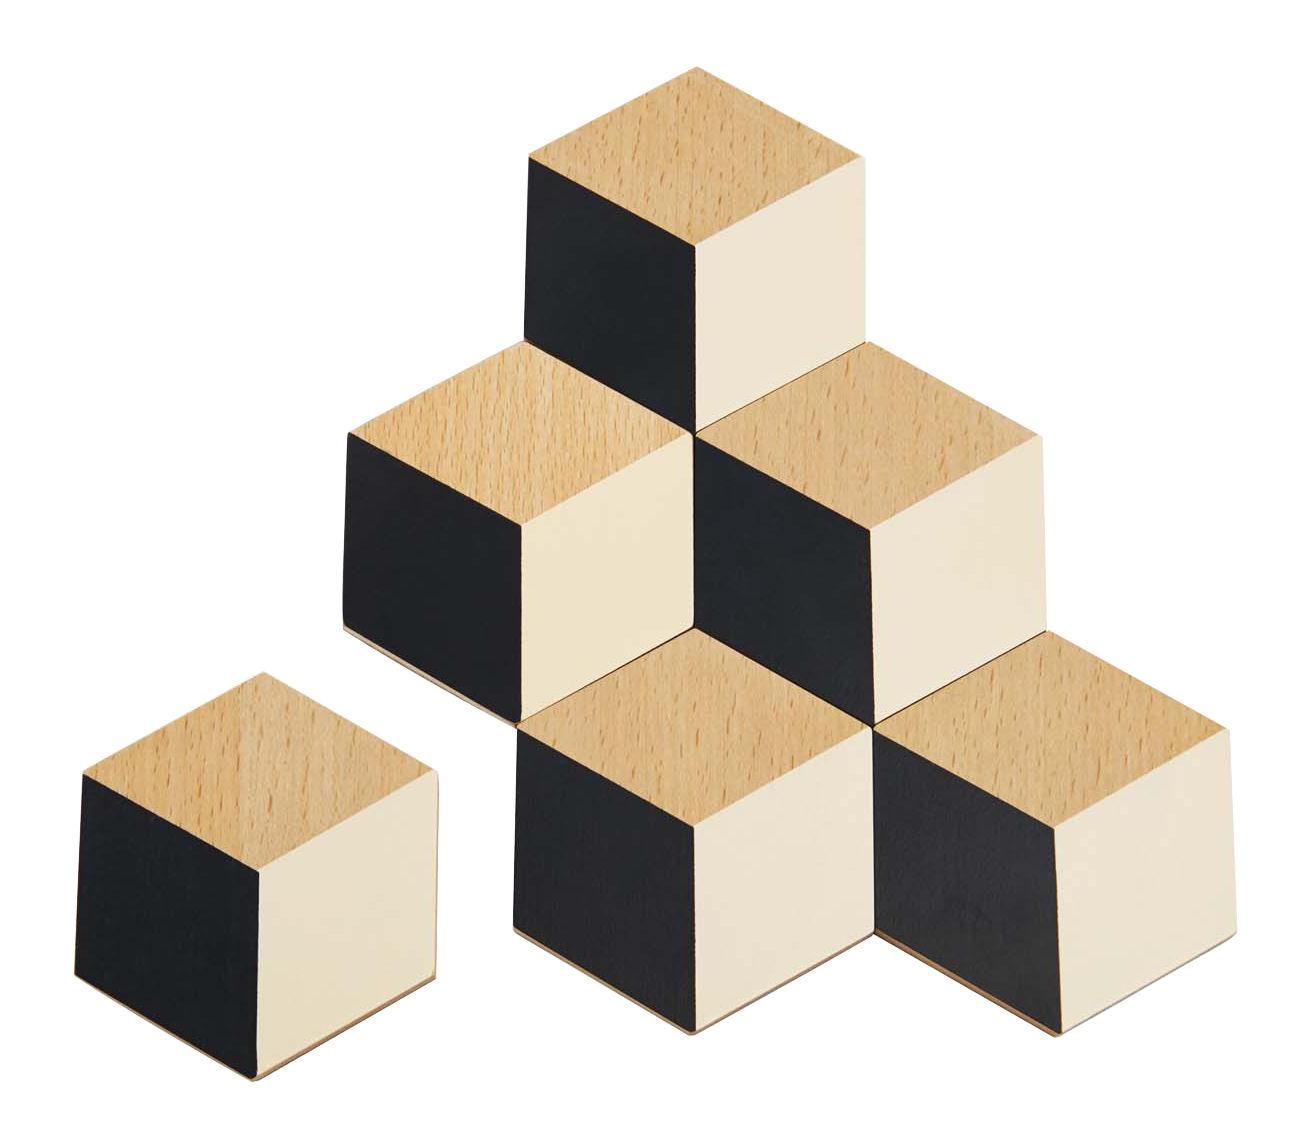 Tischkultur - Topfuntersetzer - Table Tiles Glasuntersetzer / Holz - 6er-Set - Areaware - Pop Corn - Beige / schwarz / holzfarben - Buchenfurnier, Holzfaserplatte, Kork